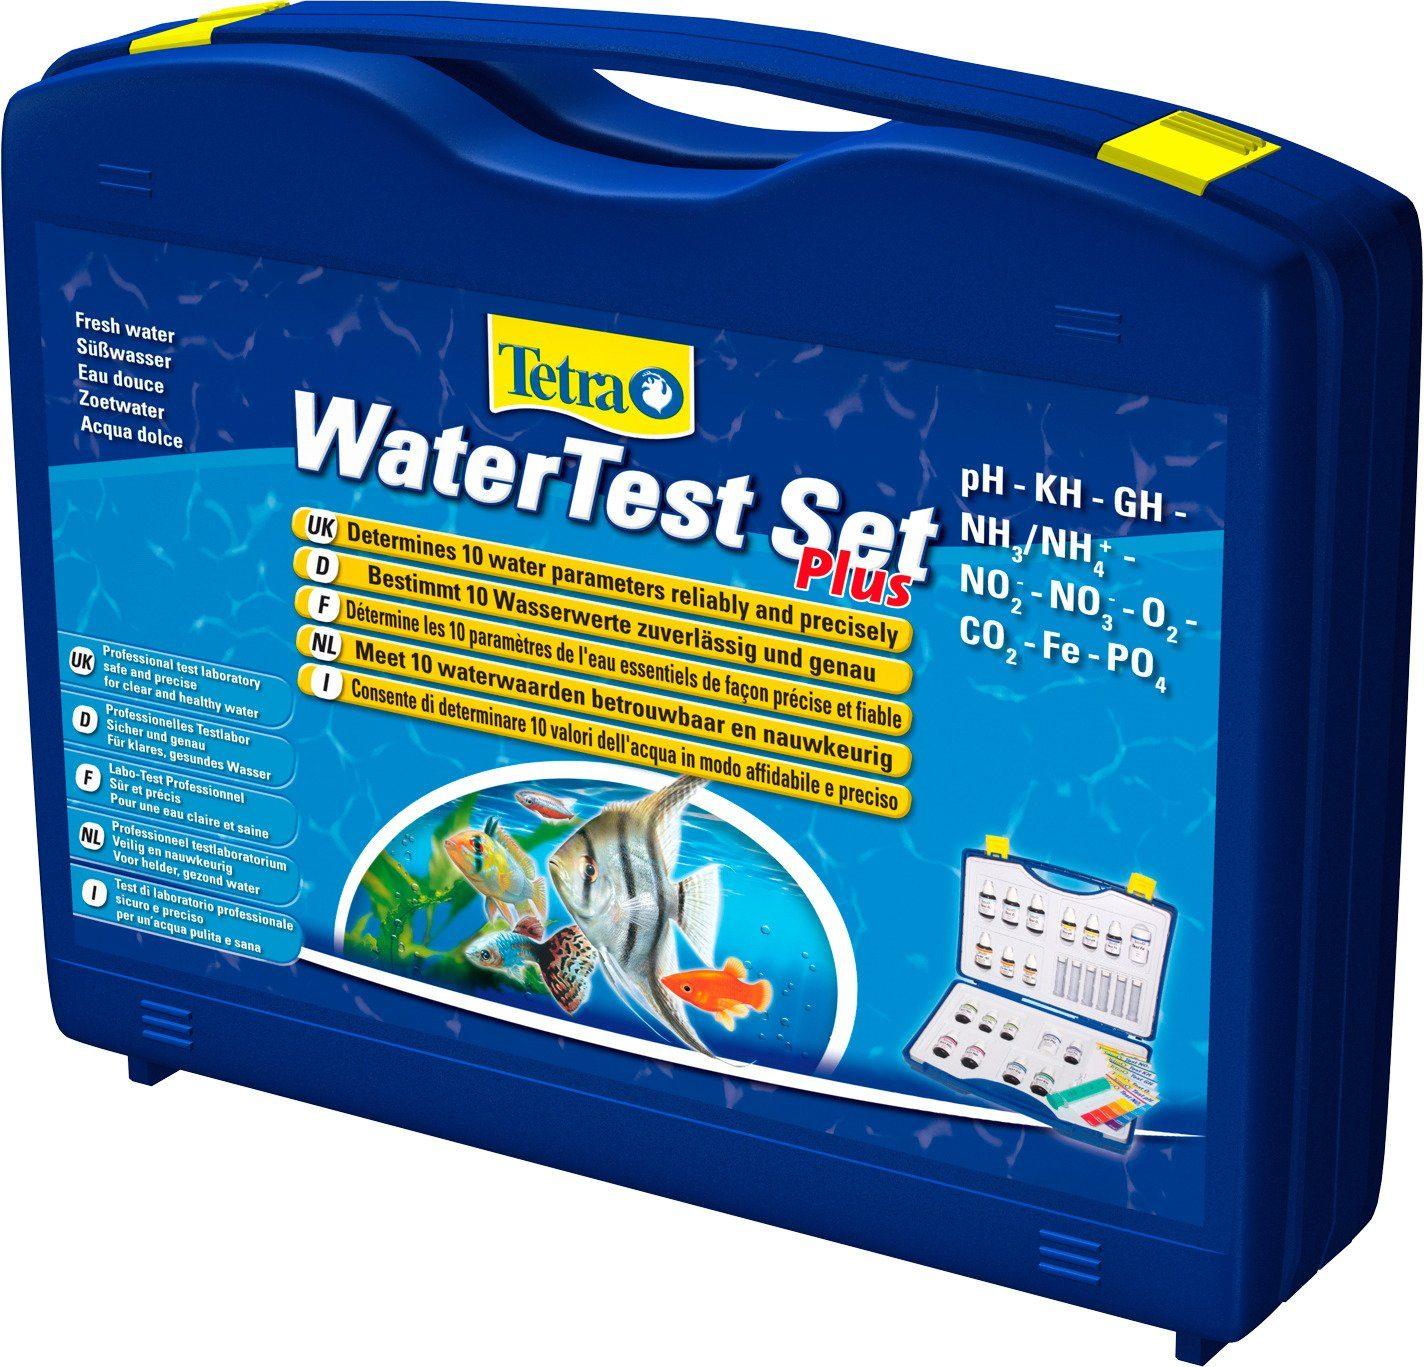 Aquariumpflege »Tetra WaterTest Set Plus«